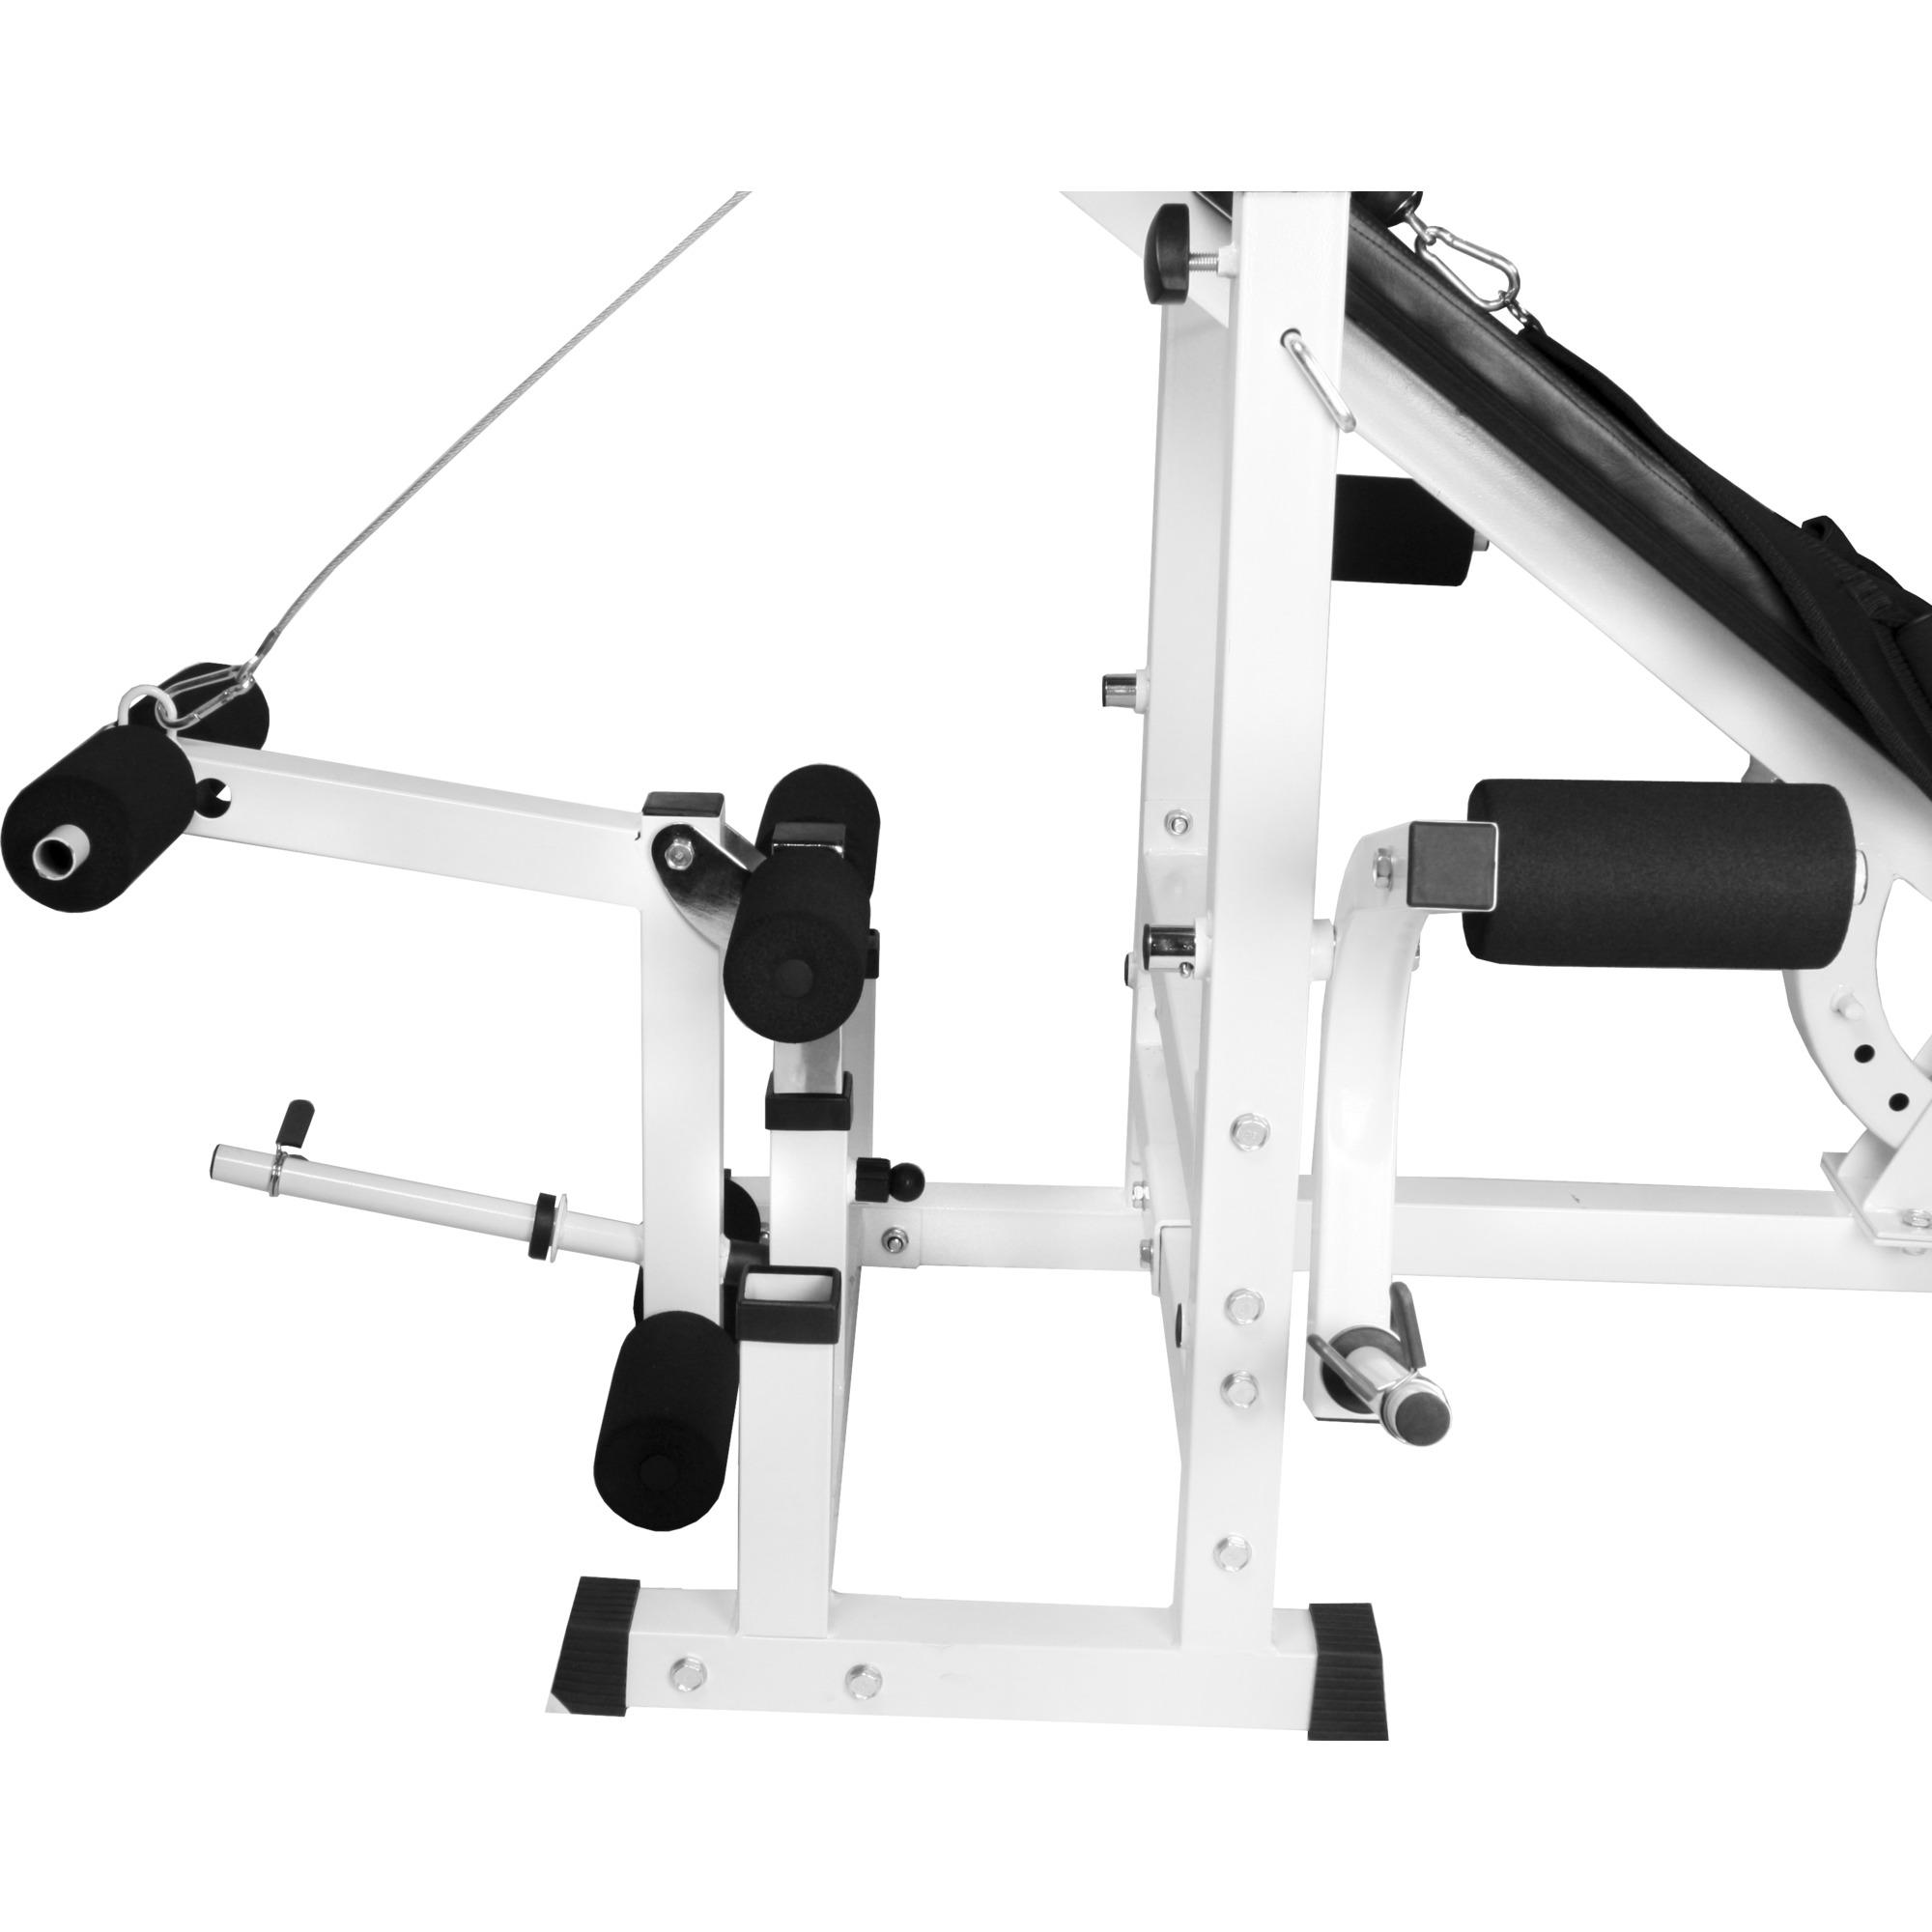 Banc de musculation universel avec support pour halt res blanc gs005 universalyf e55 - Banc de musculation gorilla sport ...